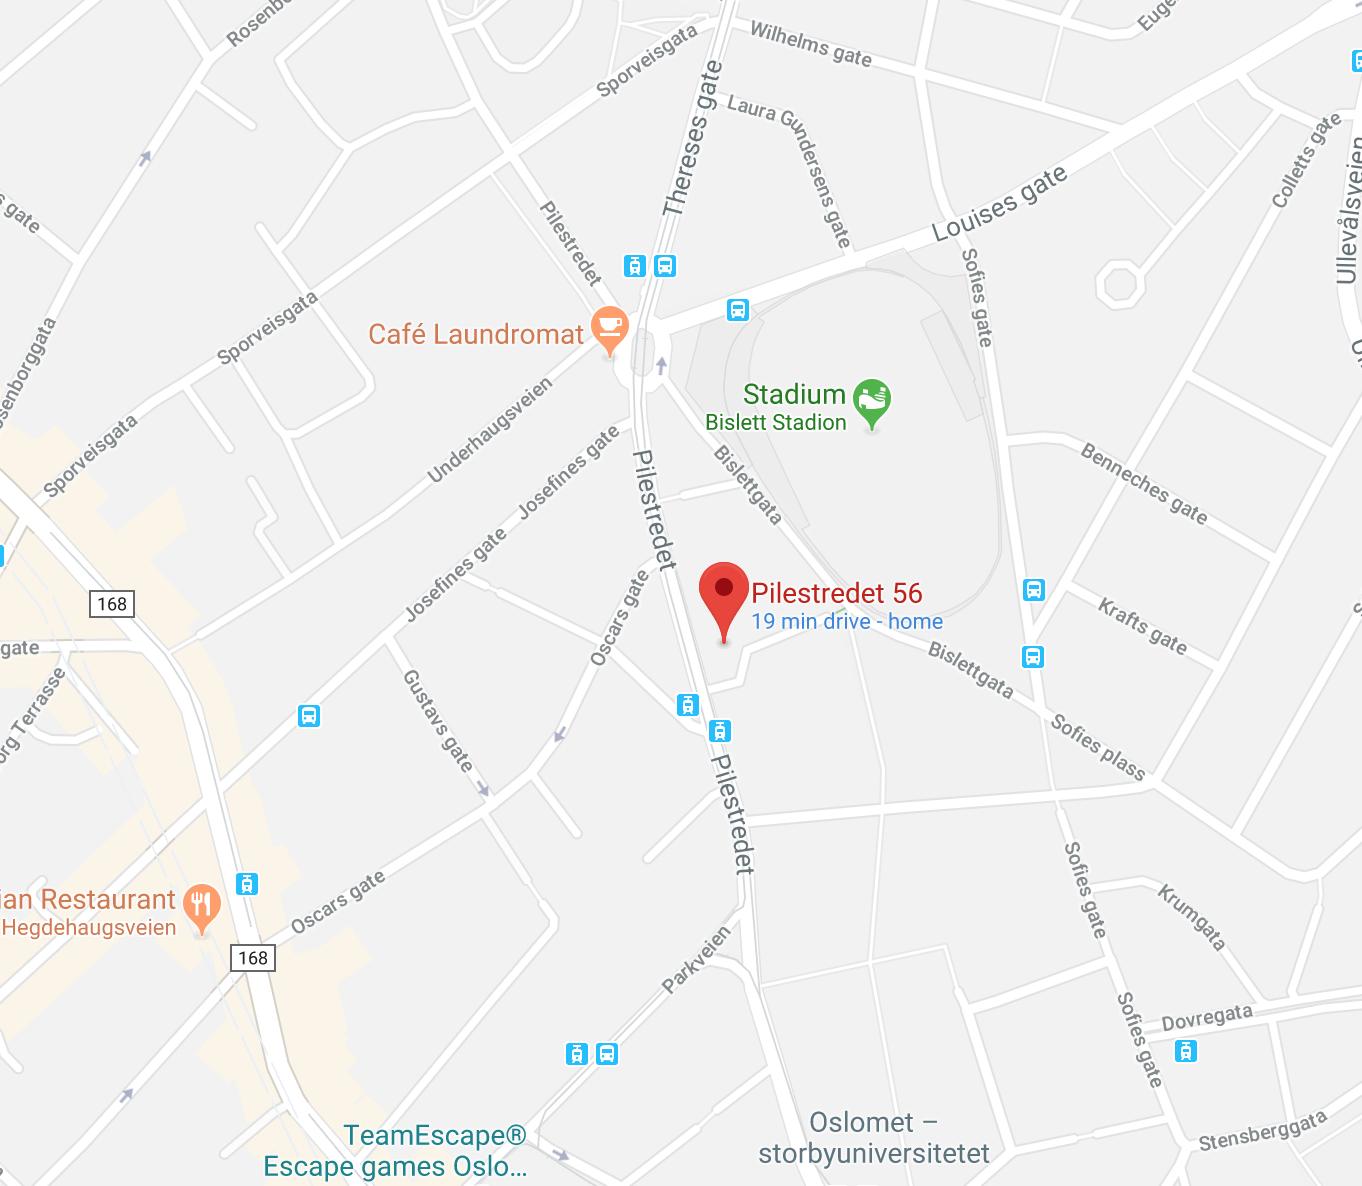 Pilestredet 56 Google Map